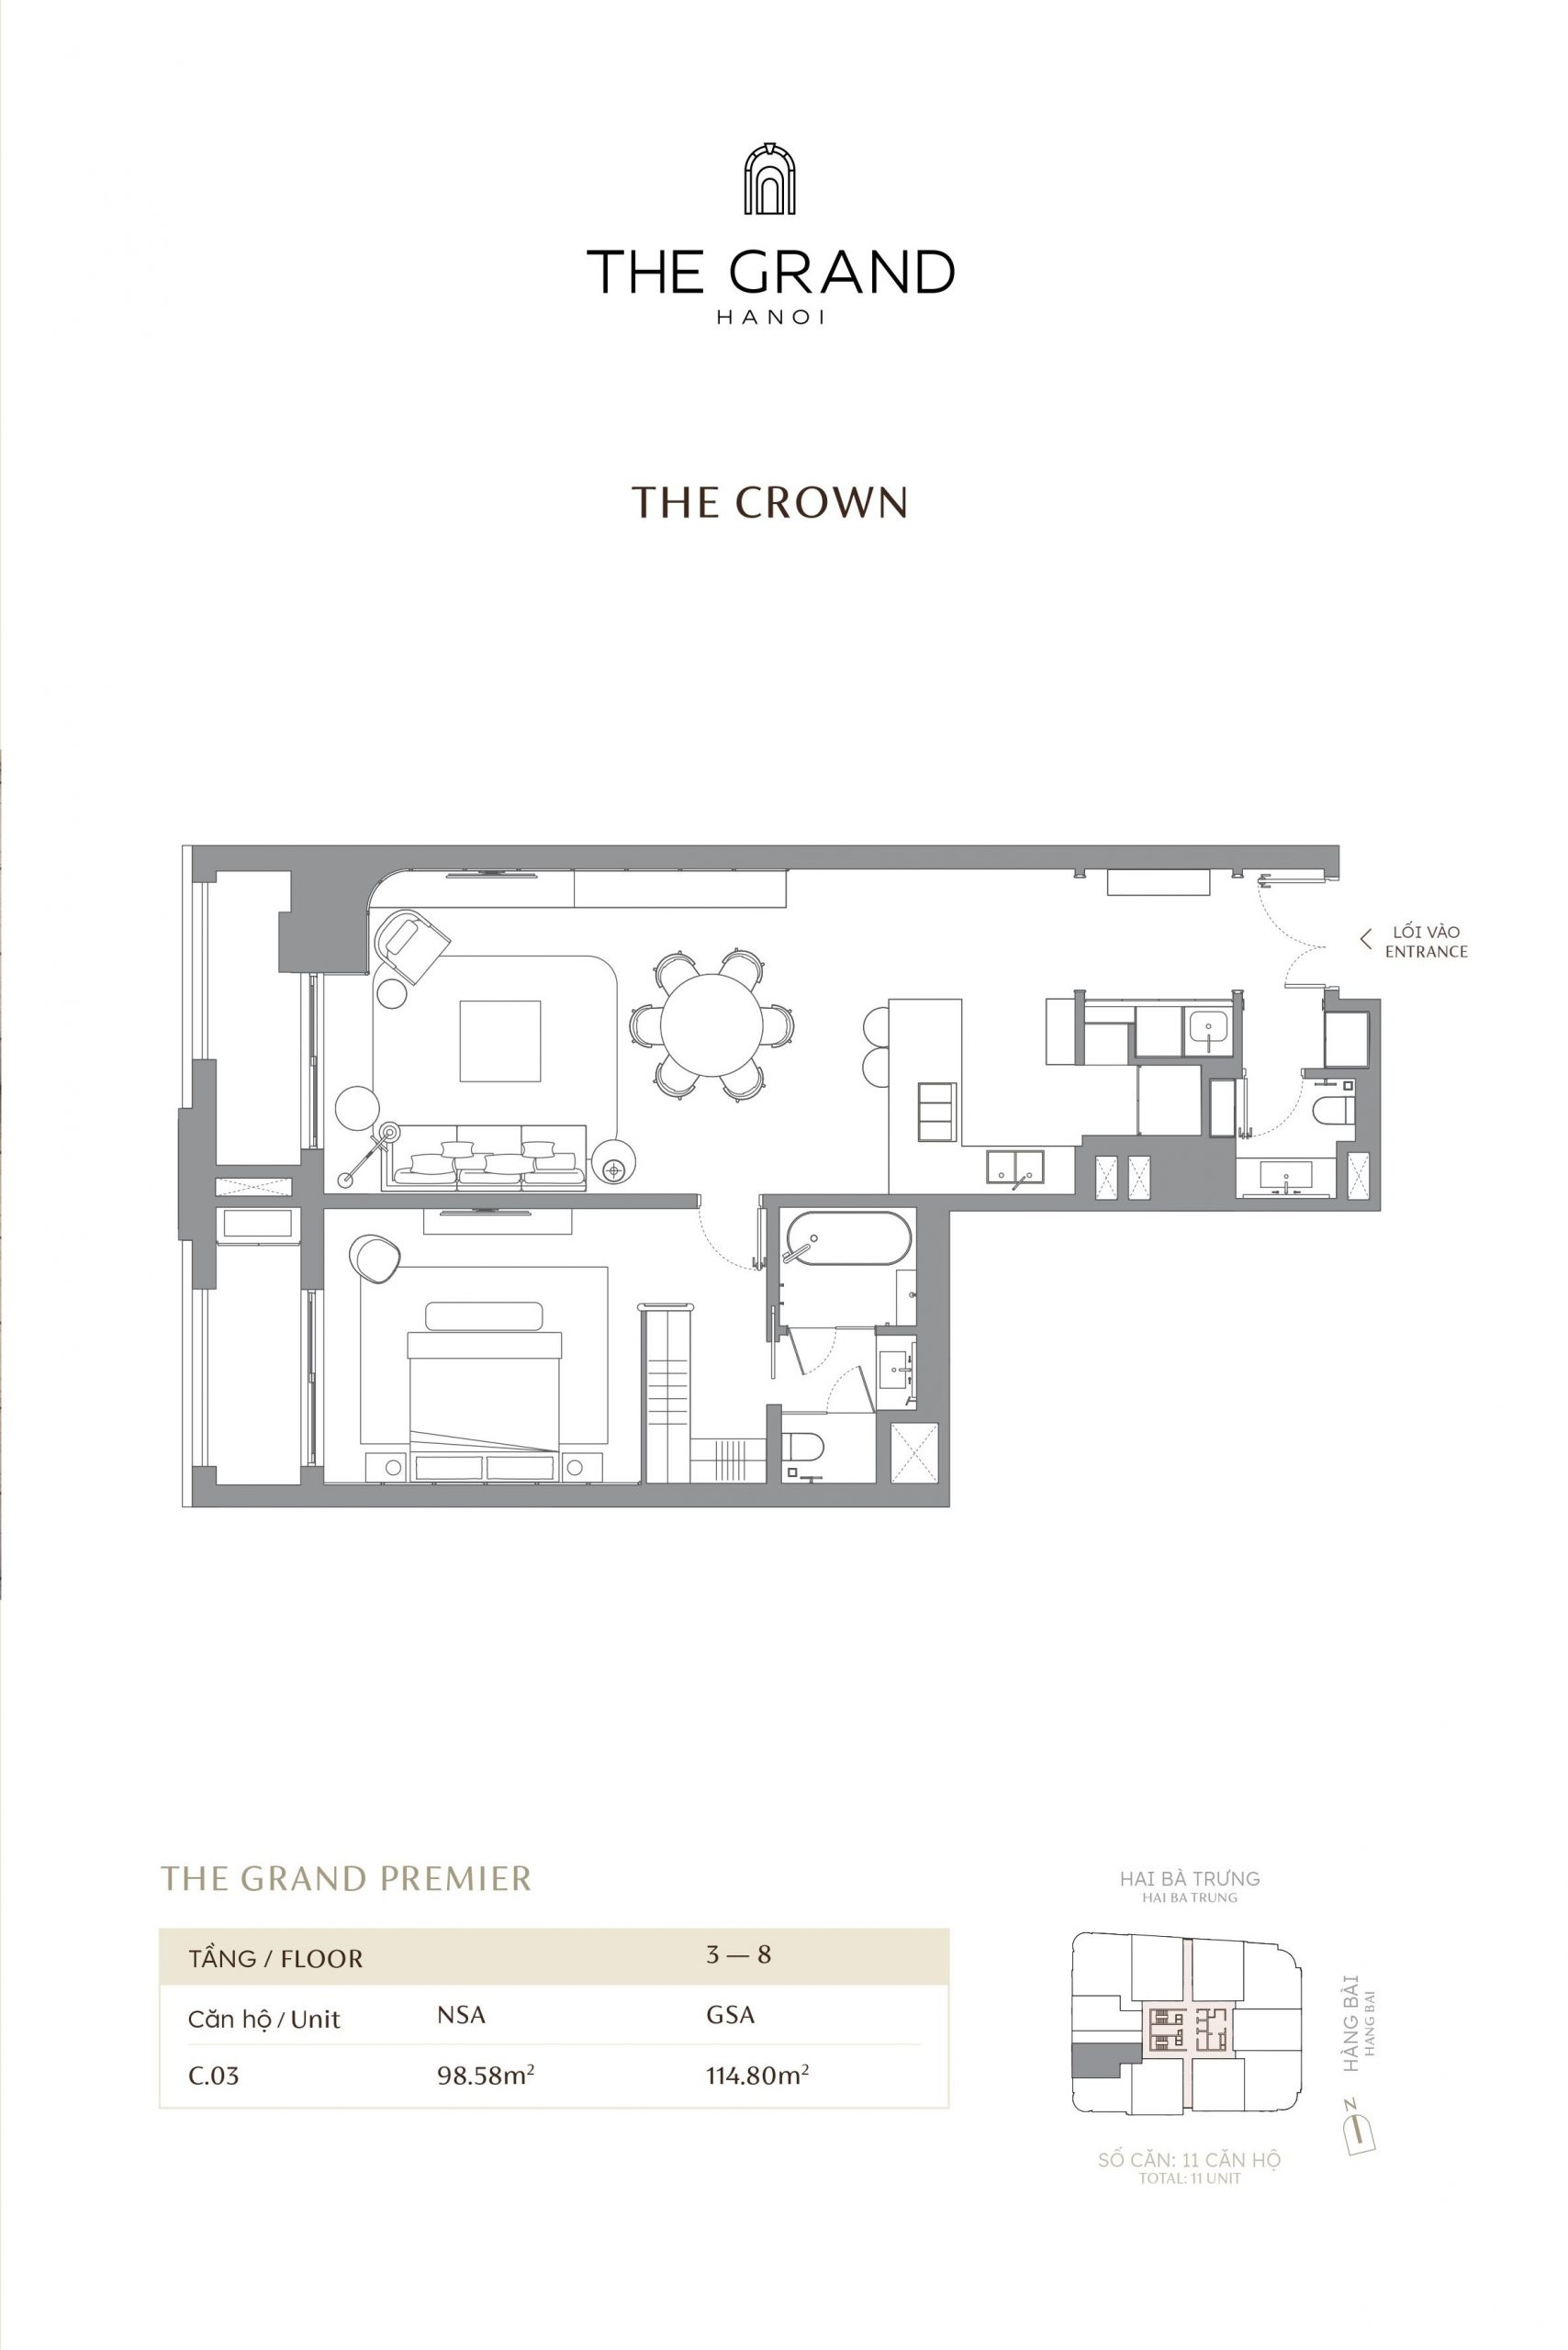 thiết kế căn hộ the crown 4